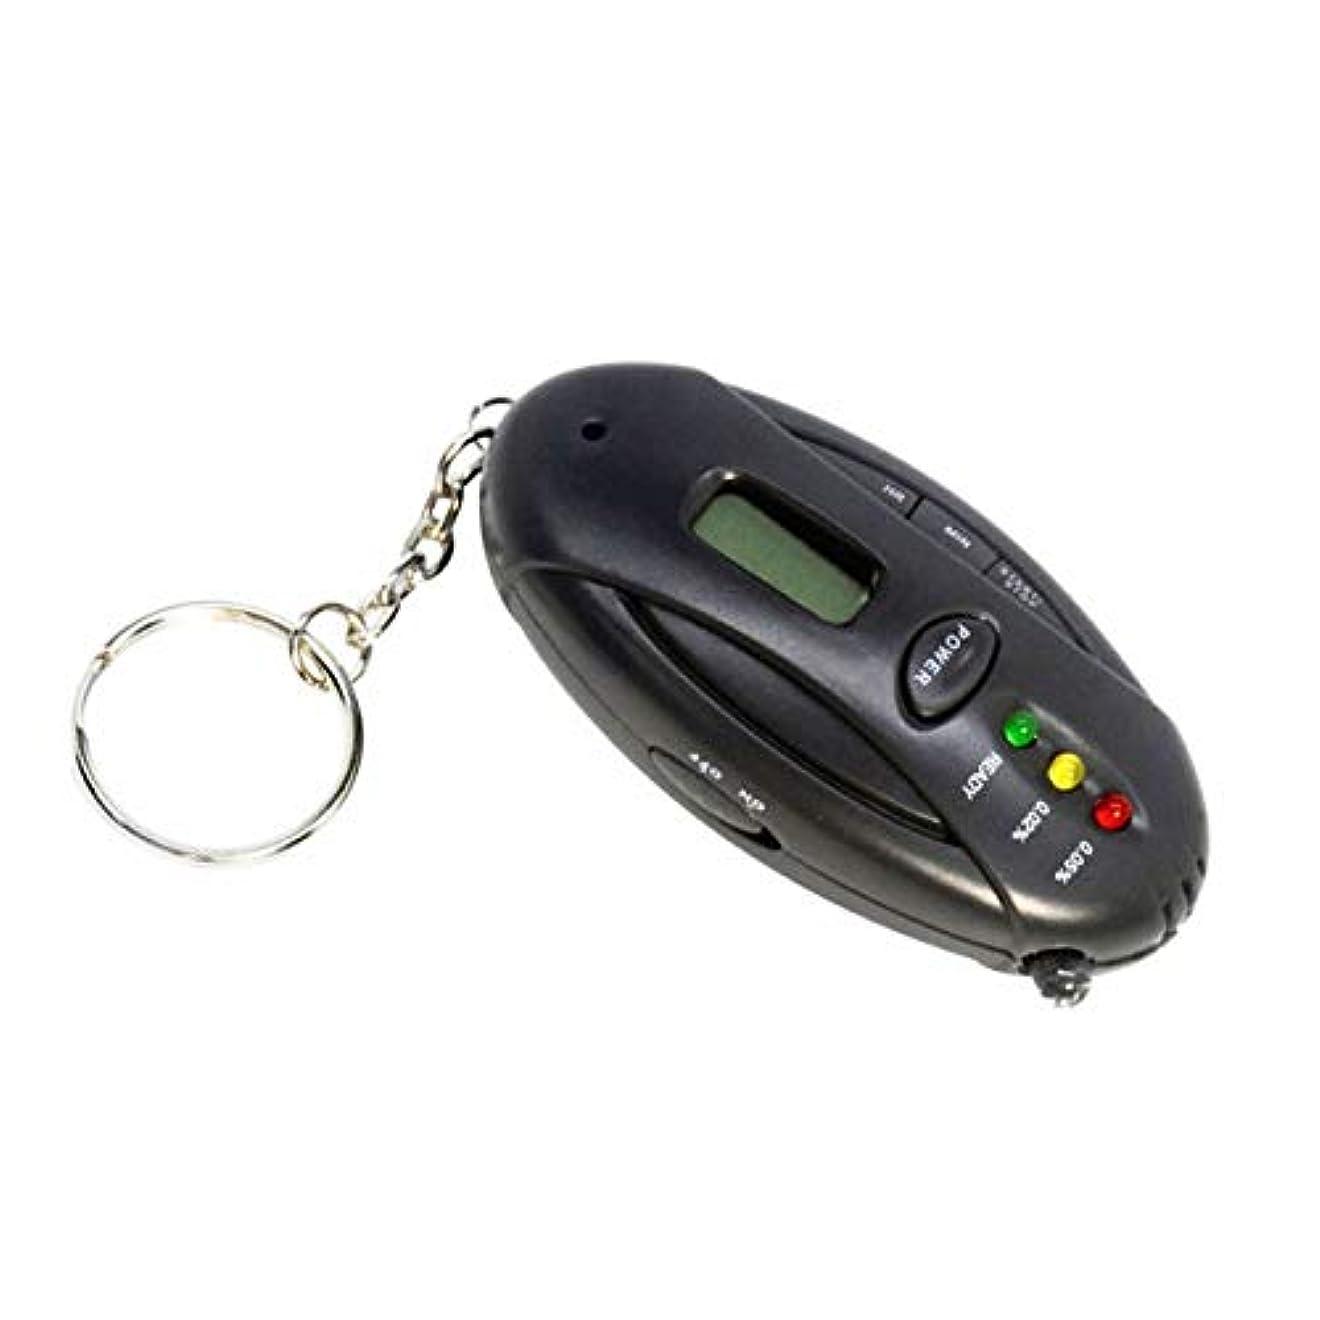 より平らな今までセントフェリモア 携帯用 アルコールチェッカー ライト点灯 アラーム 英語表記 酒気検査 吸気 呼気 運転